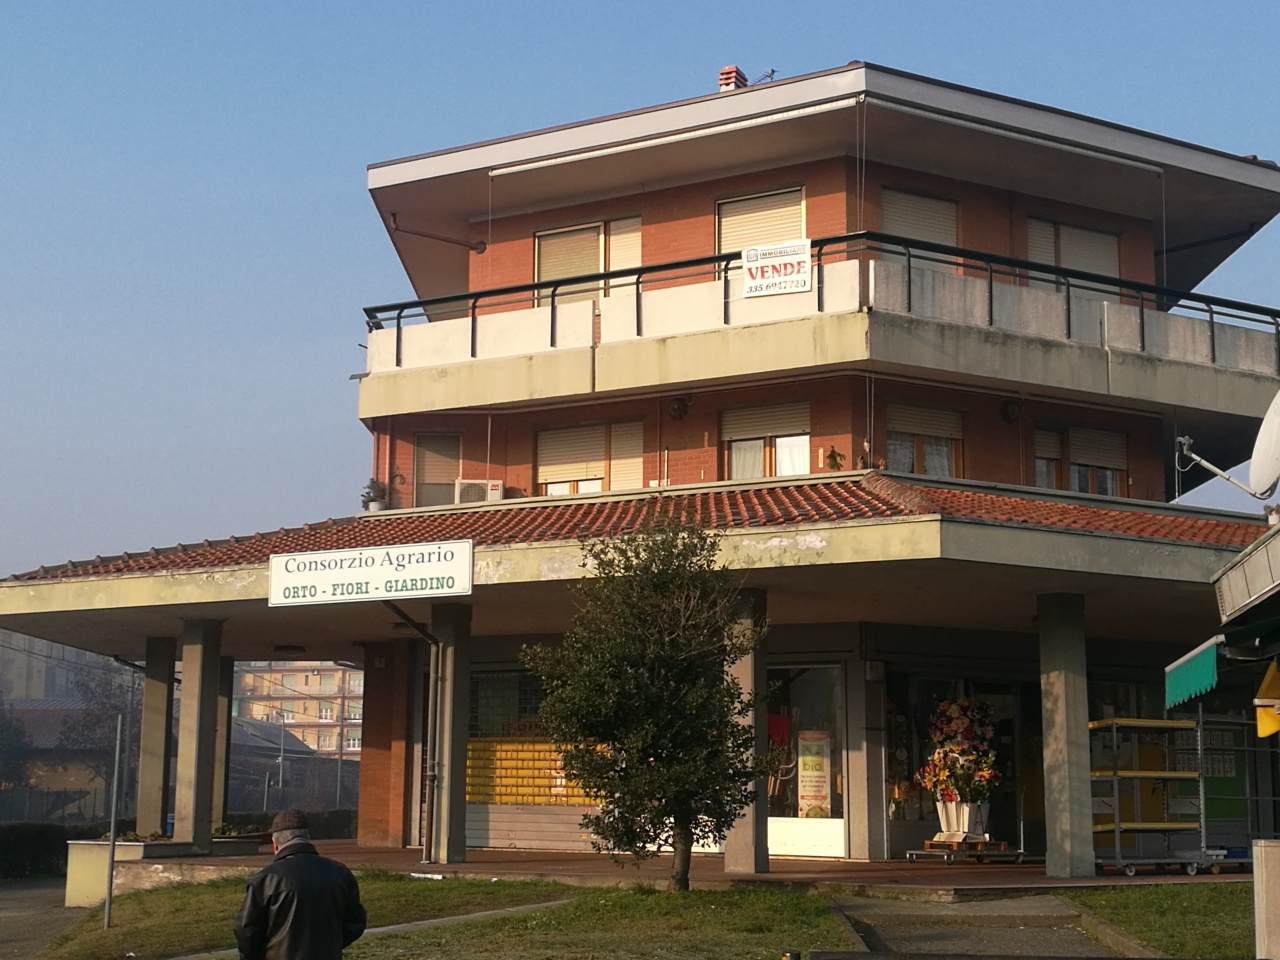 Appartamento in vendita a Crescentino, 6 locali, prezzo € 69.000 | PortaleAgenzieImmobiliari.it